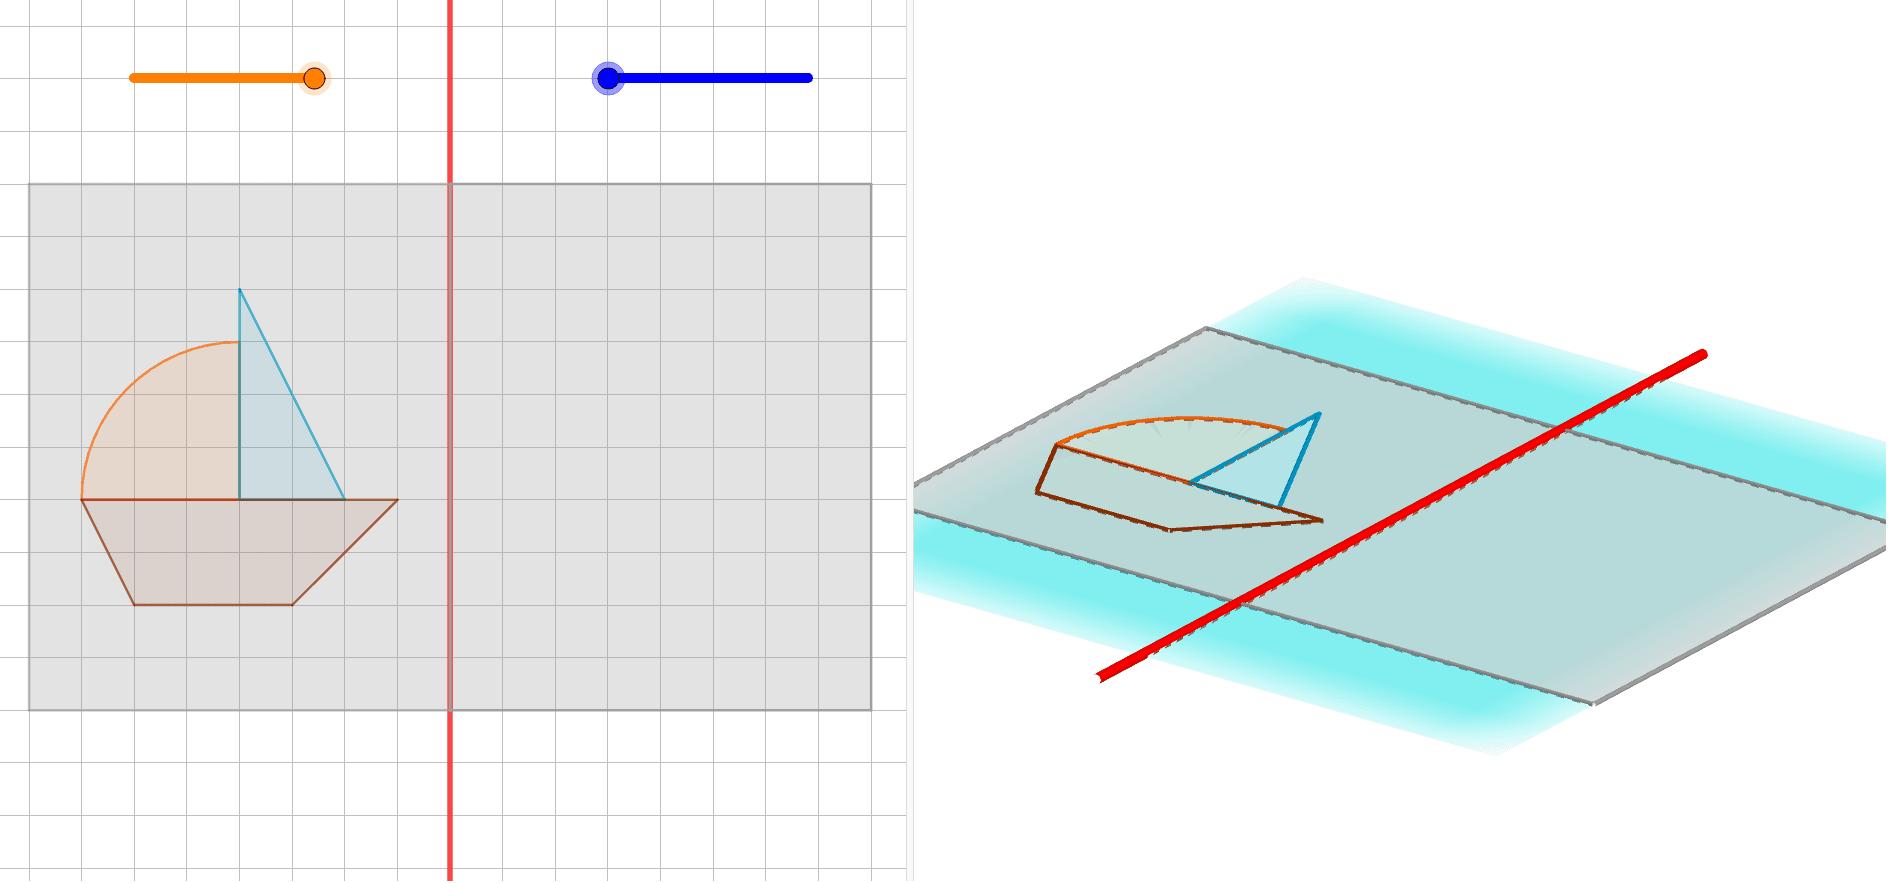 """1- Bouger le curseur orange vers la gauche pour plier la feuille de papier calque ; 2- Bouger le curseur bleu vers la droite pour décalquer la figure ; 3- Bouger le curseur orange vers la droite pour déplier la feuille de papier calque. Tapez """"Entrée"""" pour démarrer l'activité"""